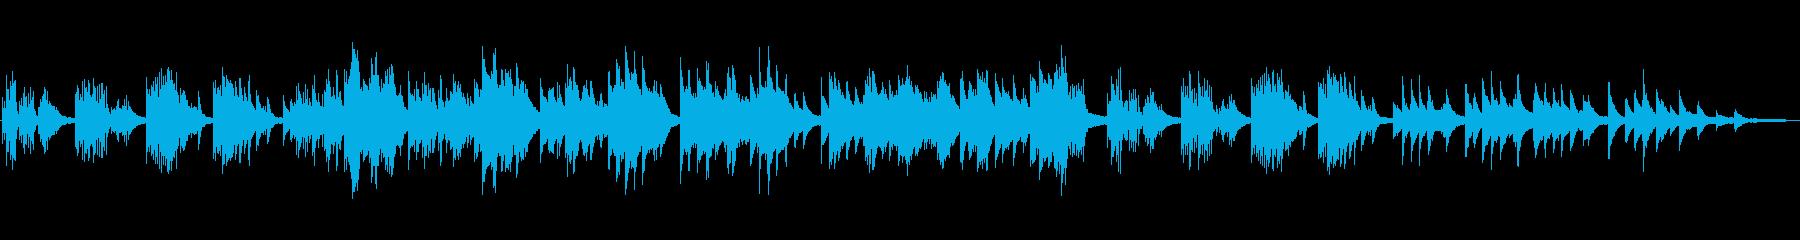 室内楽 劇的な 感情的 バラード ピアノの再生済みの波形